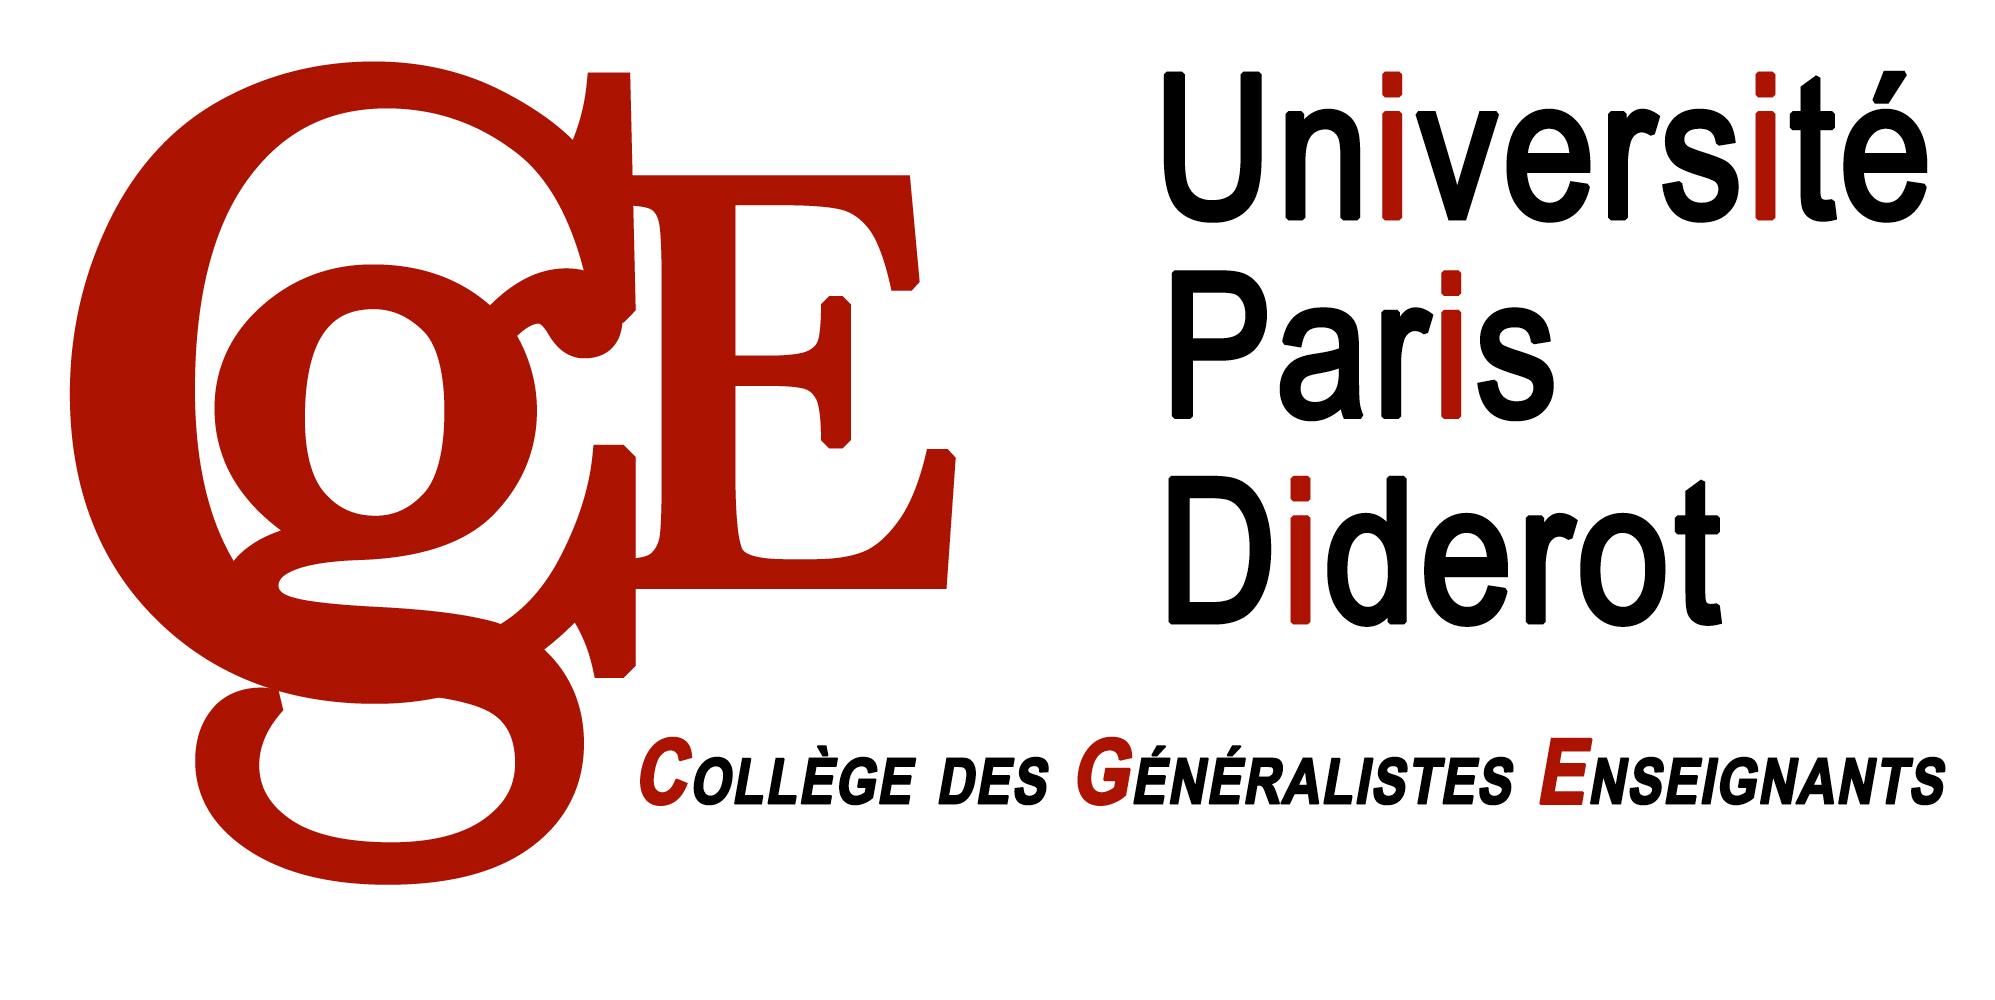 Collège des Généralistes Enseignants Université Paris Diderot